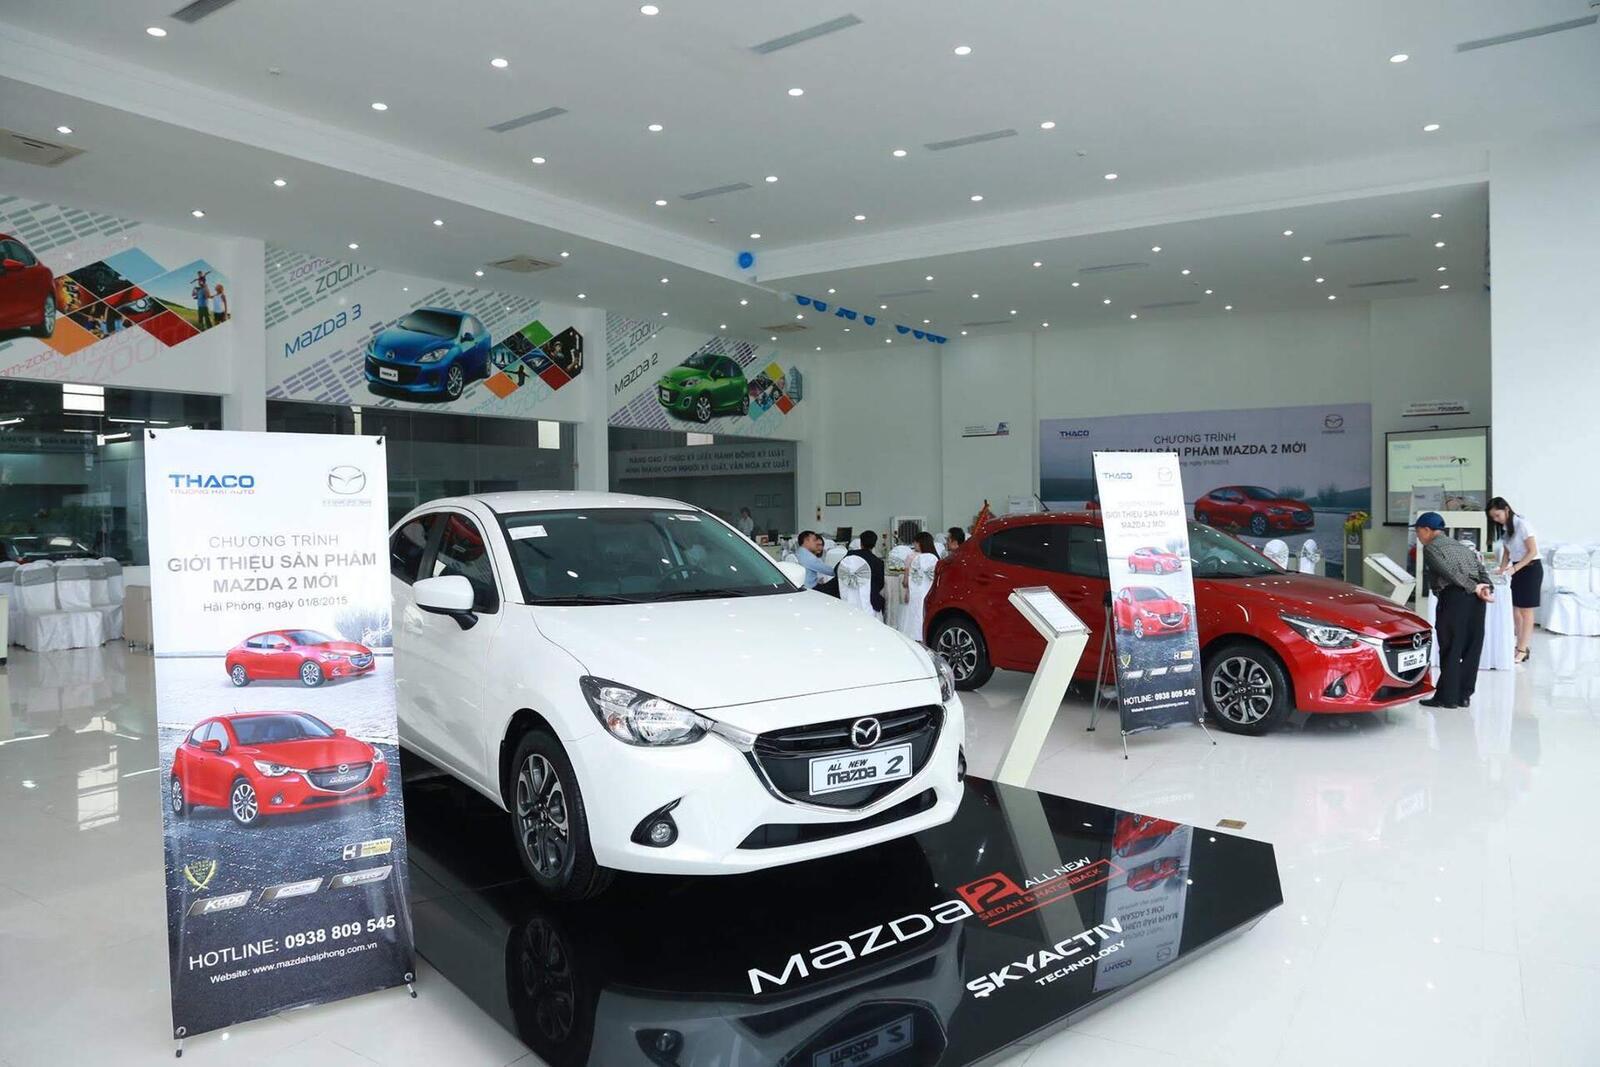 Đại Lý Mazda Hải Phong Quận Ngô Quyền Hải Phòng - Hình 2